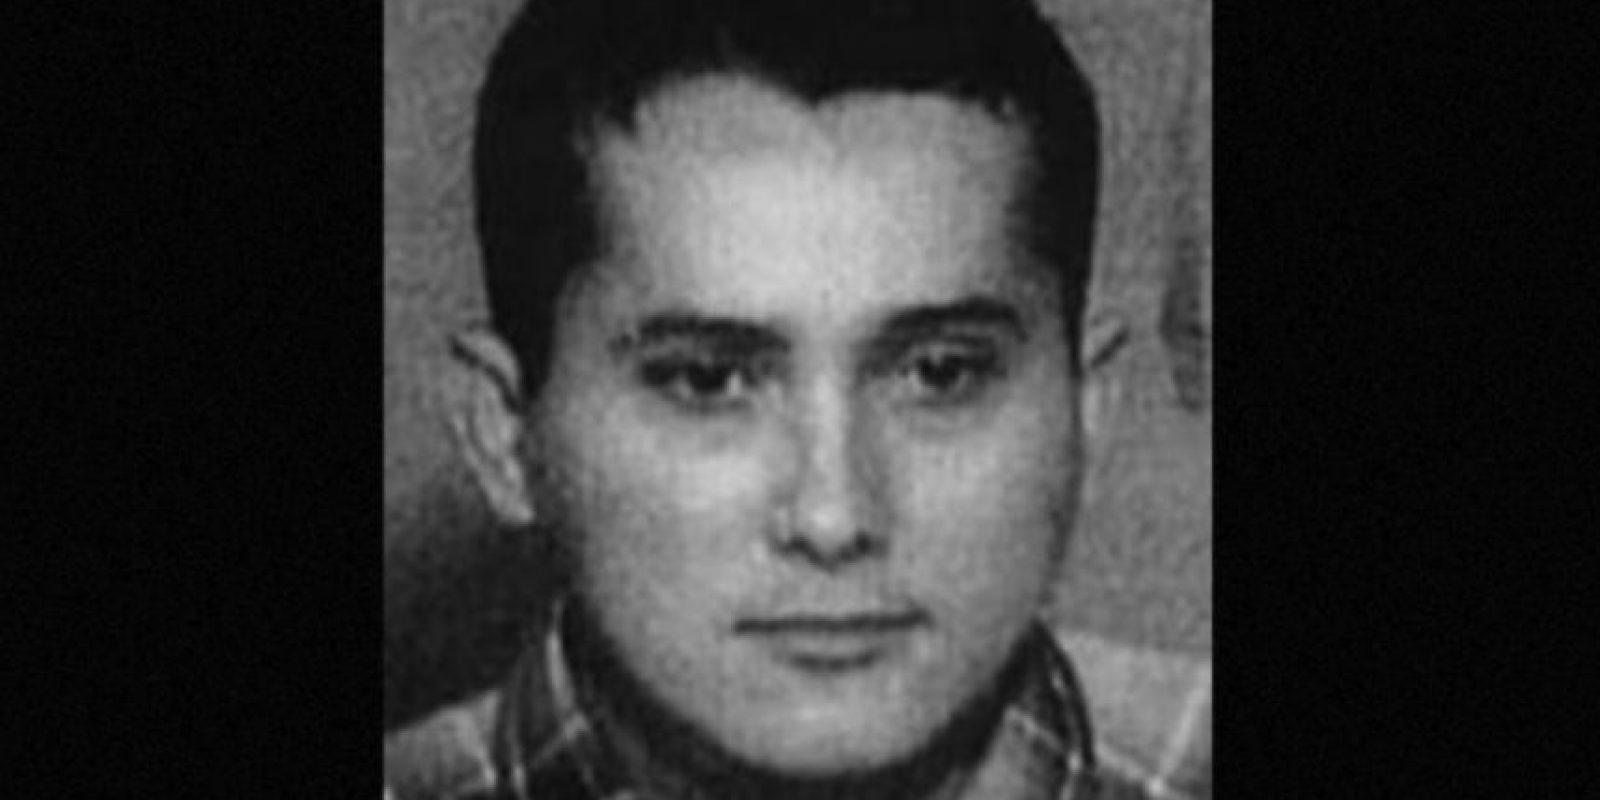 3. Alexis Flores. Se le busca por el secuestro y muerte de una niña de cinco años en Filadelfia, Estados Unidos, ocurrido en agosto del año 2000 Foto: fbi.gov/wanted/topten